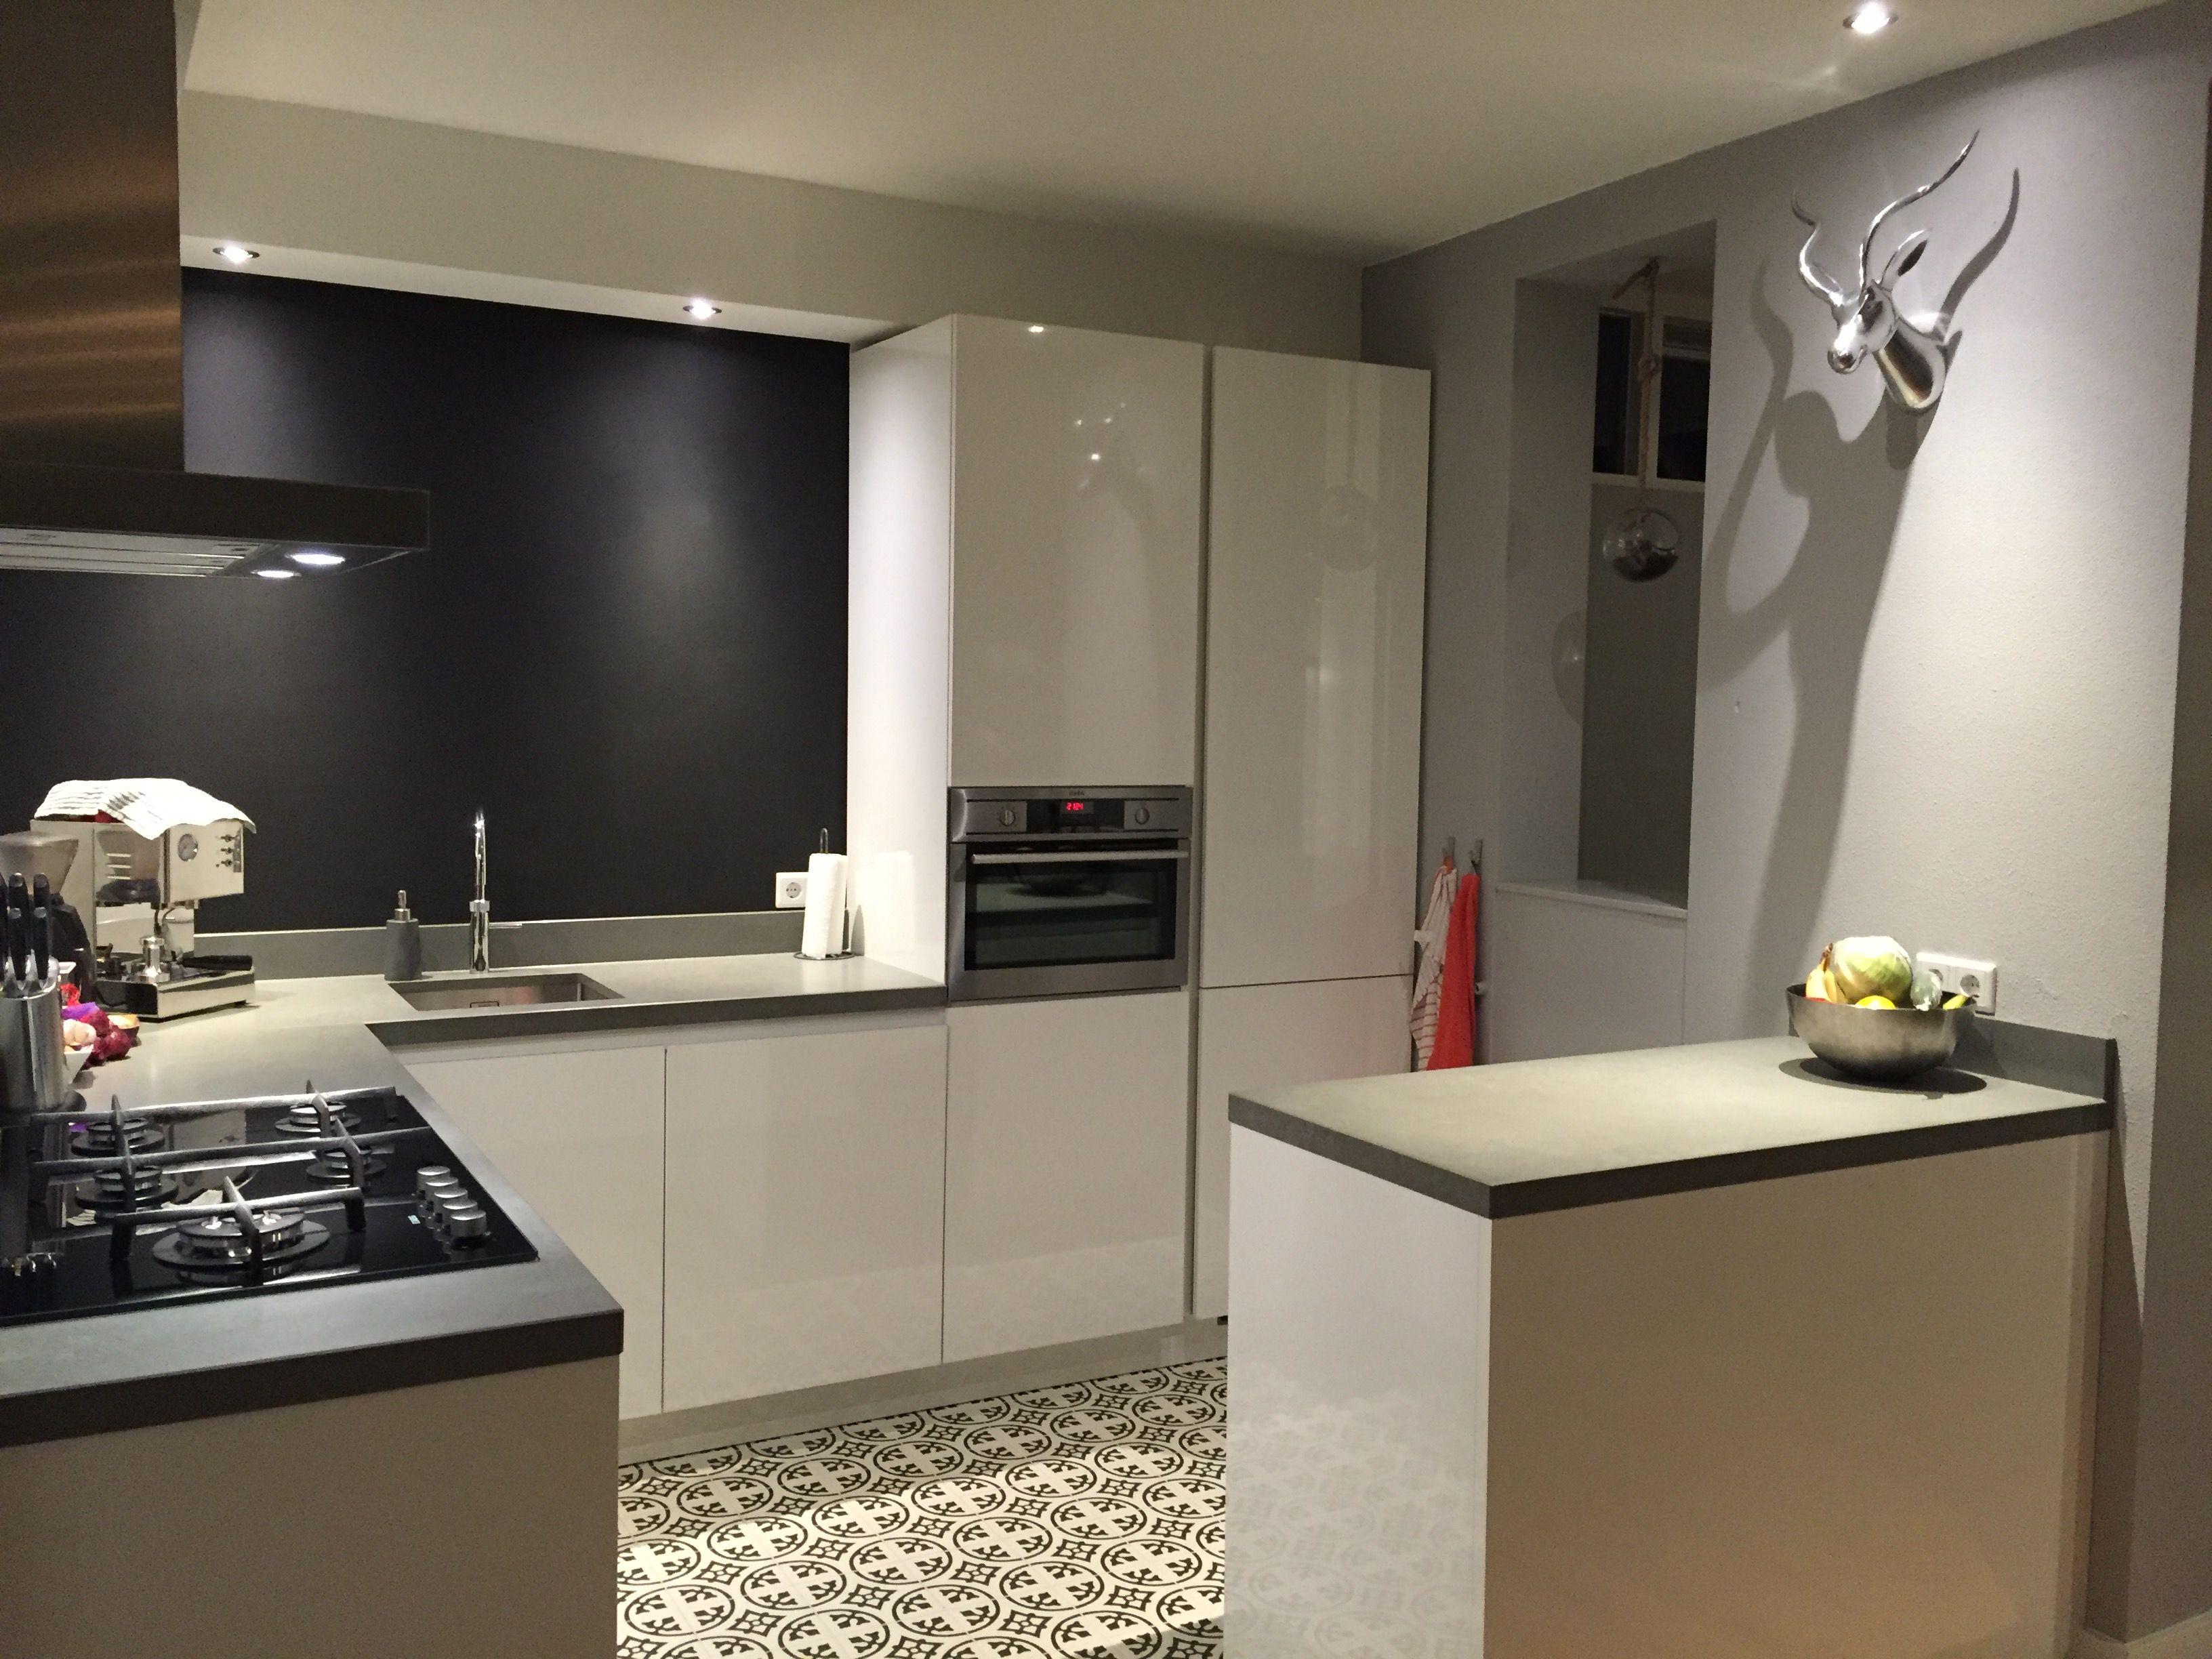 Zwart Grijs Keuken : Zwarte landelijke keuken met grijs aanrechtblad bekijk foto s